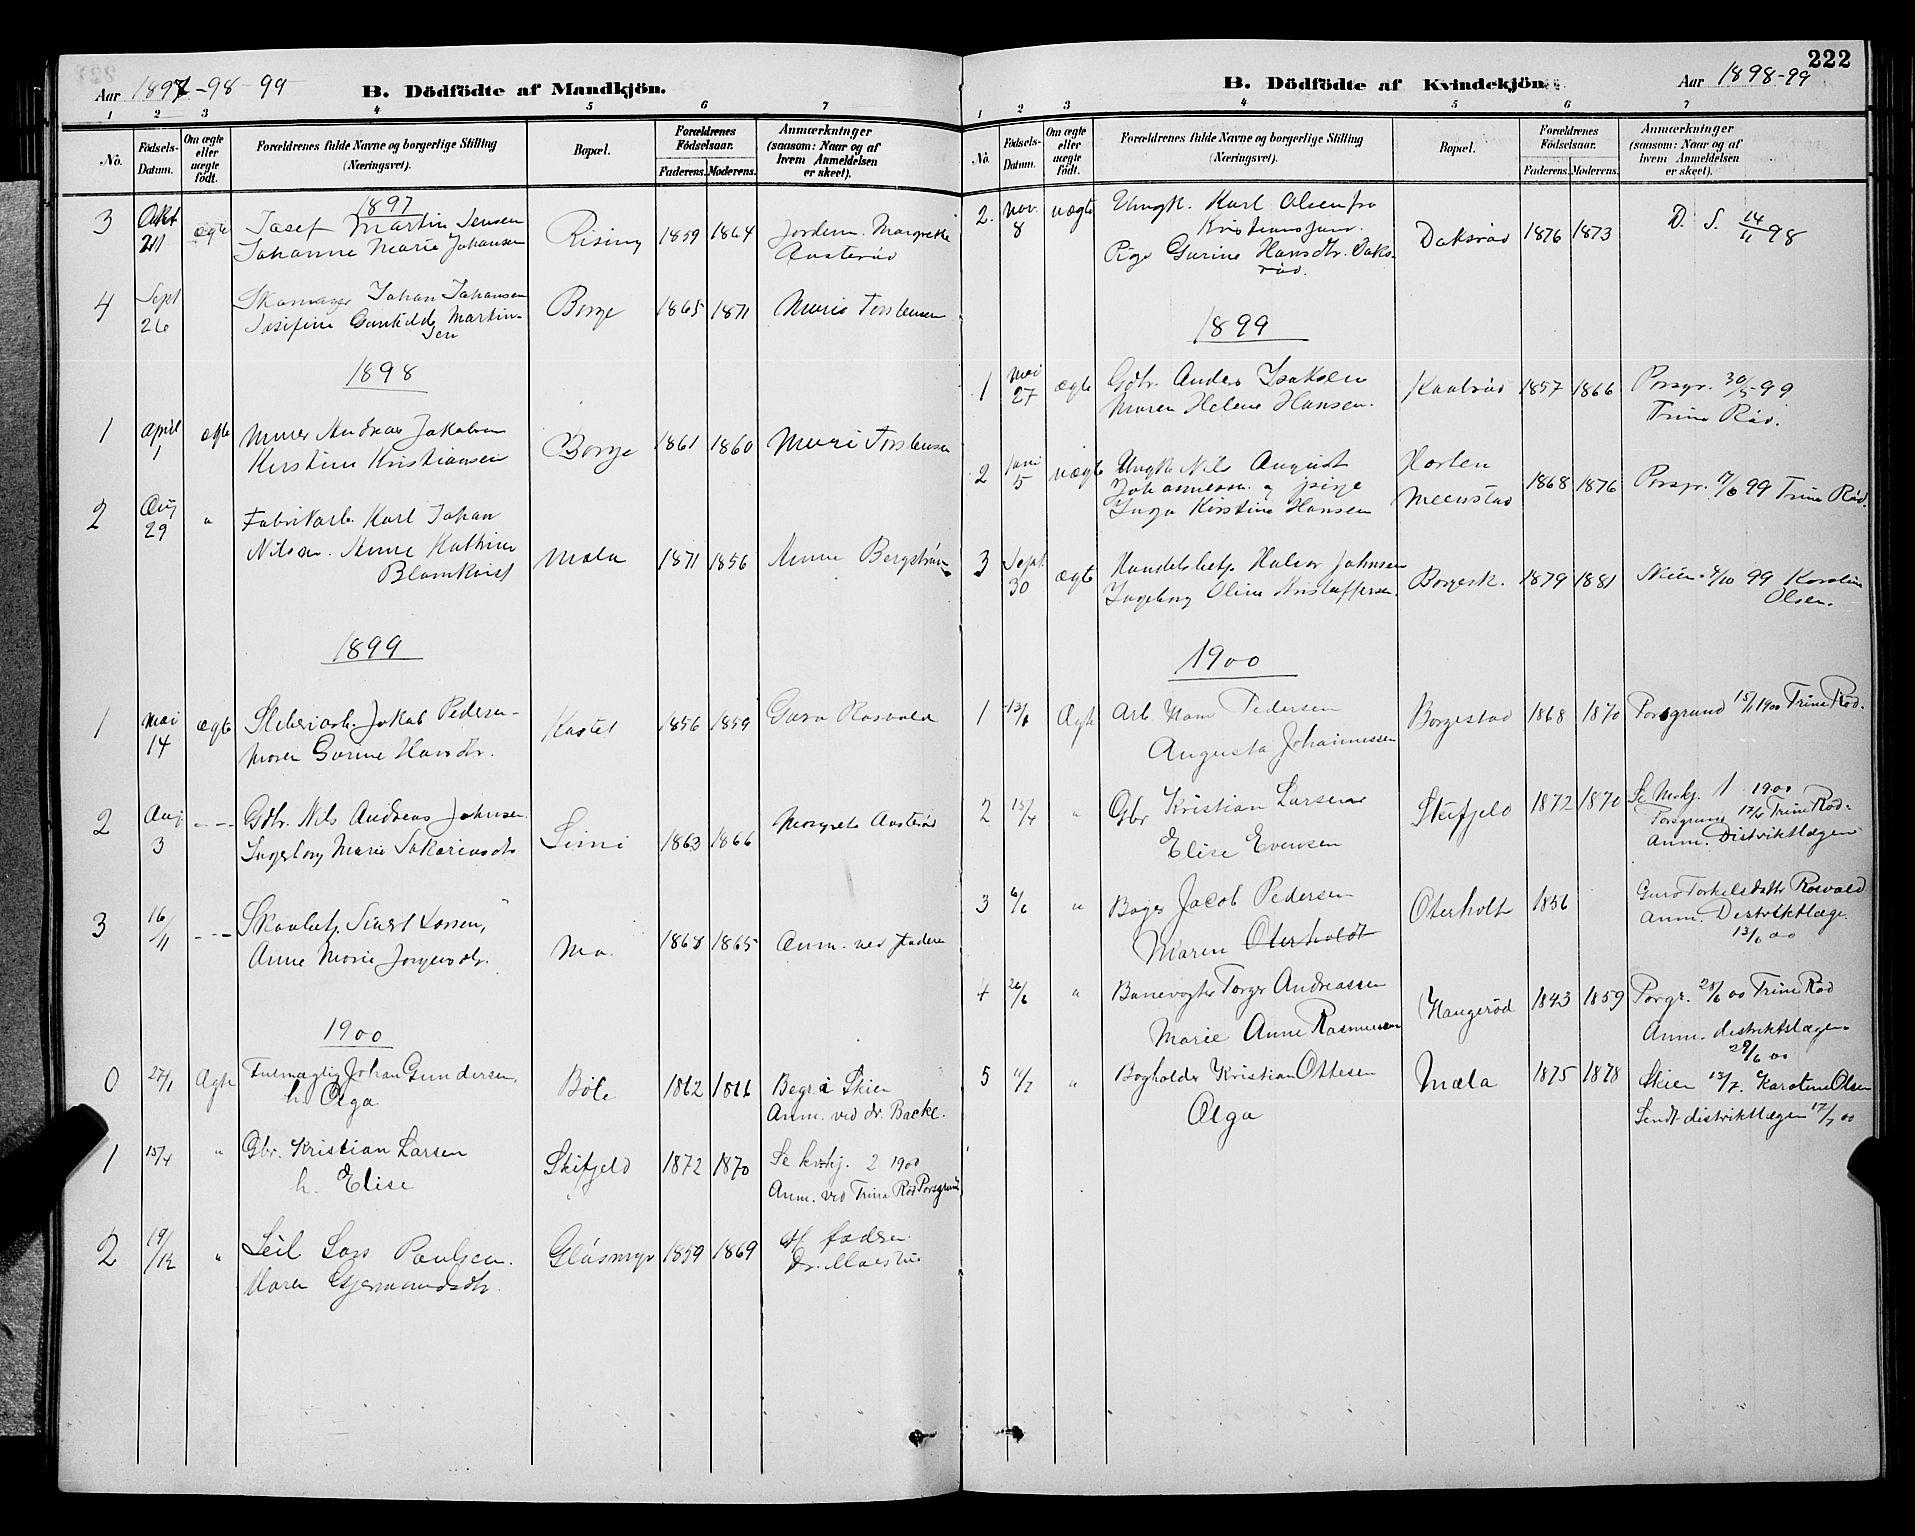 SAKO, Gjerpen kirkebøker, G/Ga/L0002: Klokkerbok nr. I 2, 1883-1900, s. 222